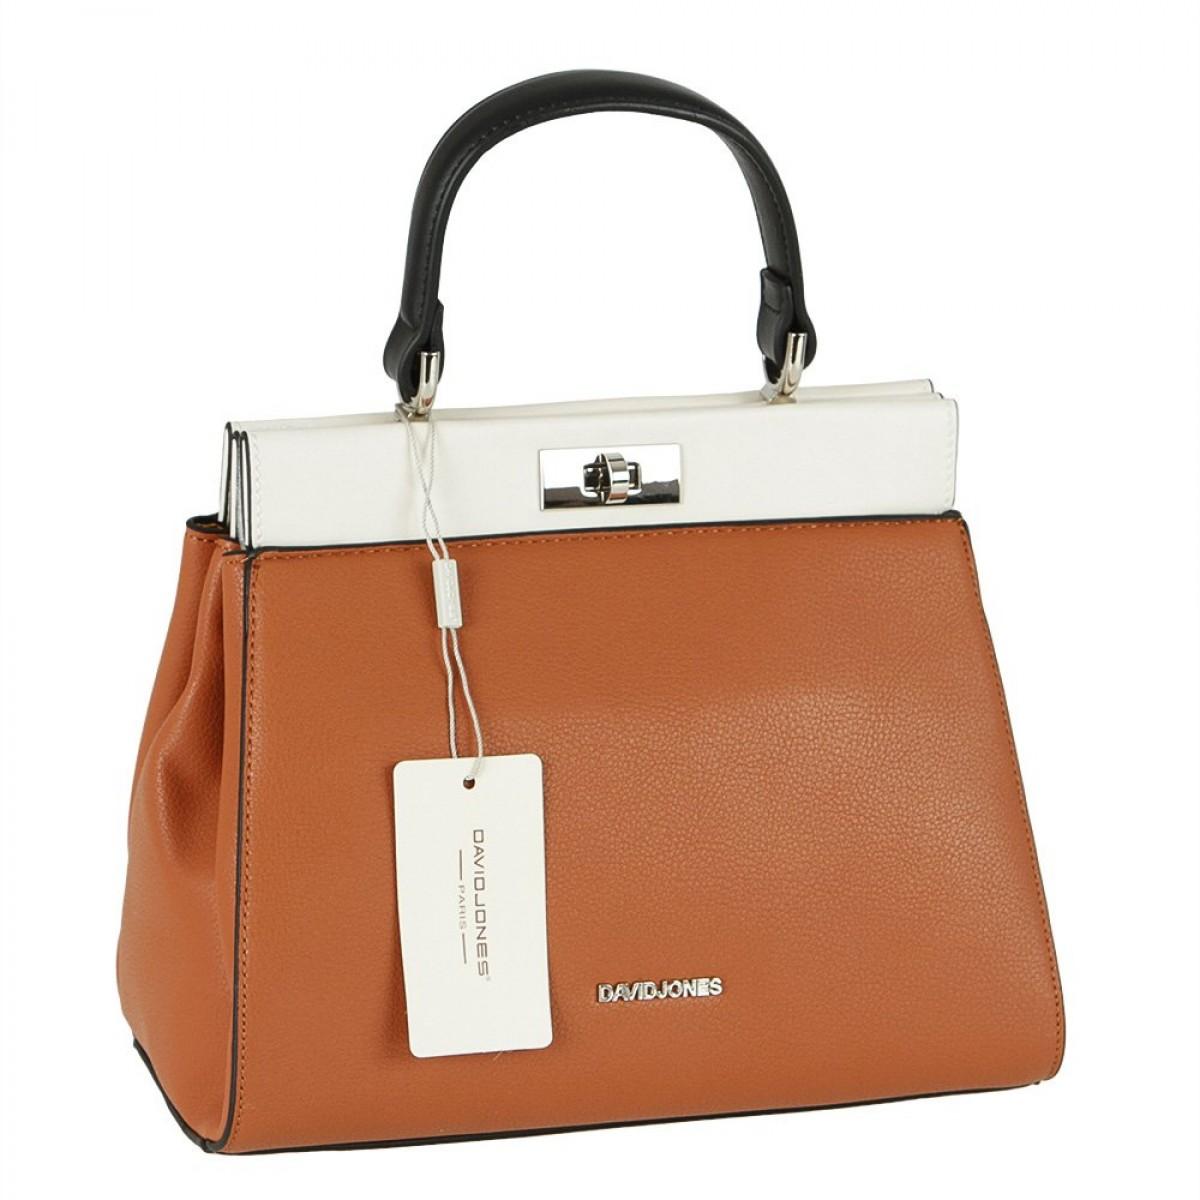 Жіноча сумка David Jones 6310-1 COGNAC